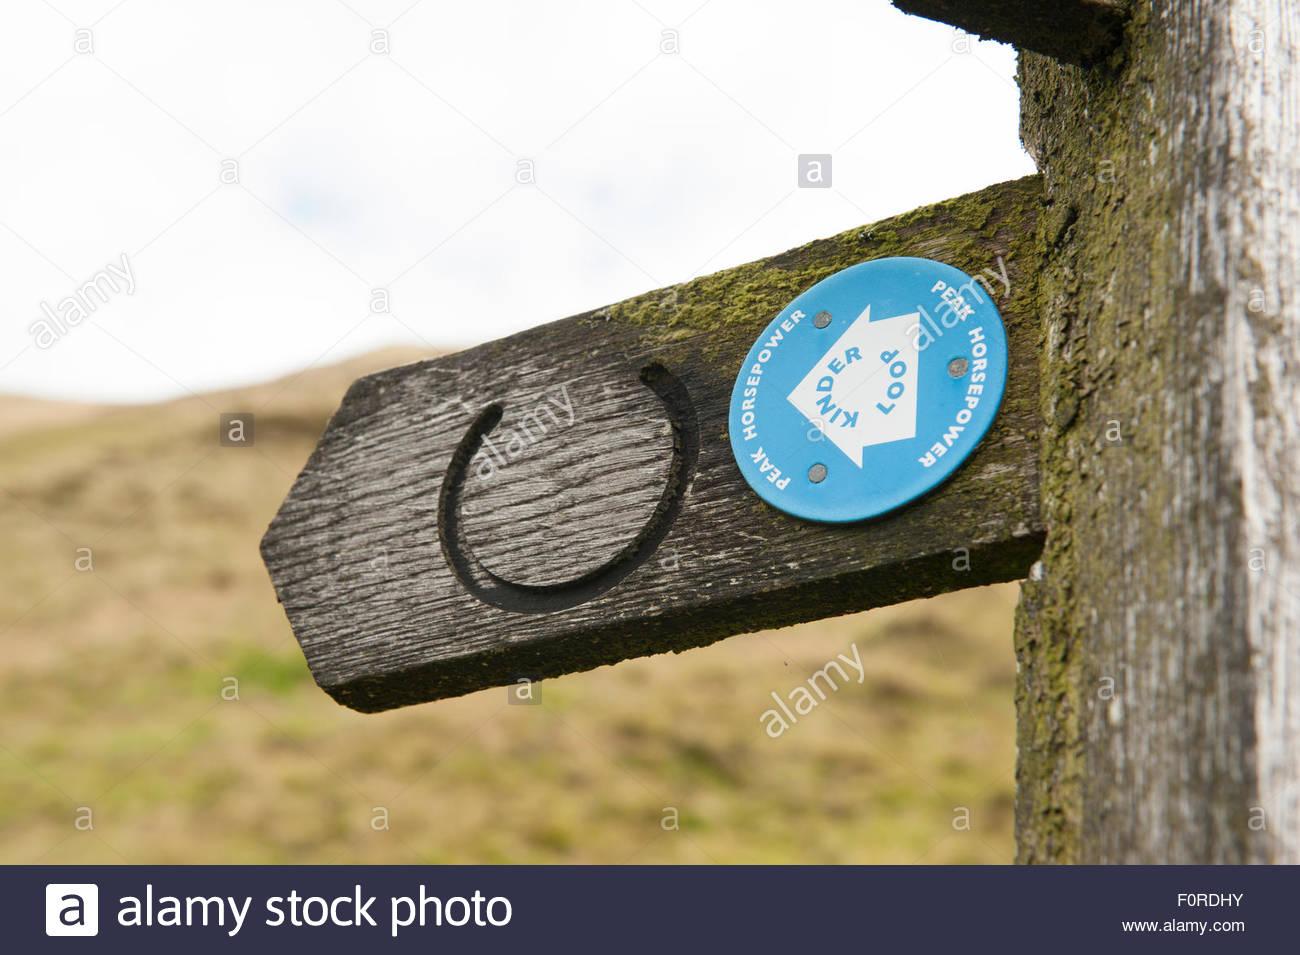 Edale, Derbyshire UK. Peak District National Park.  Sign for the Peak Horsepower Kinder Loop bridleway. - Stock Image